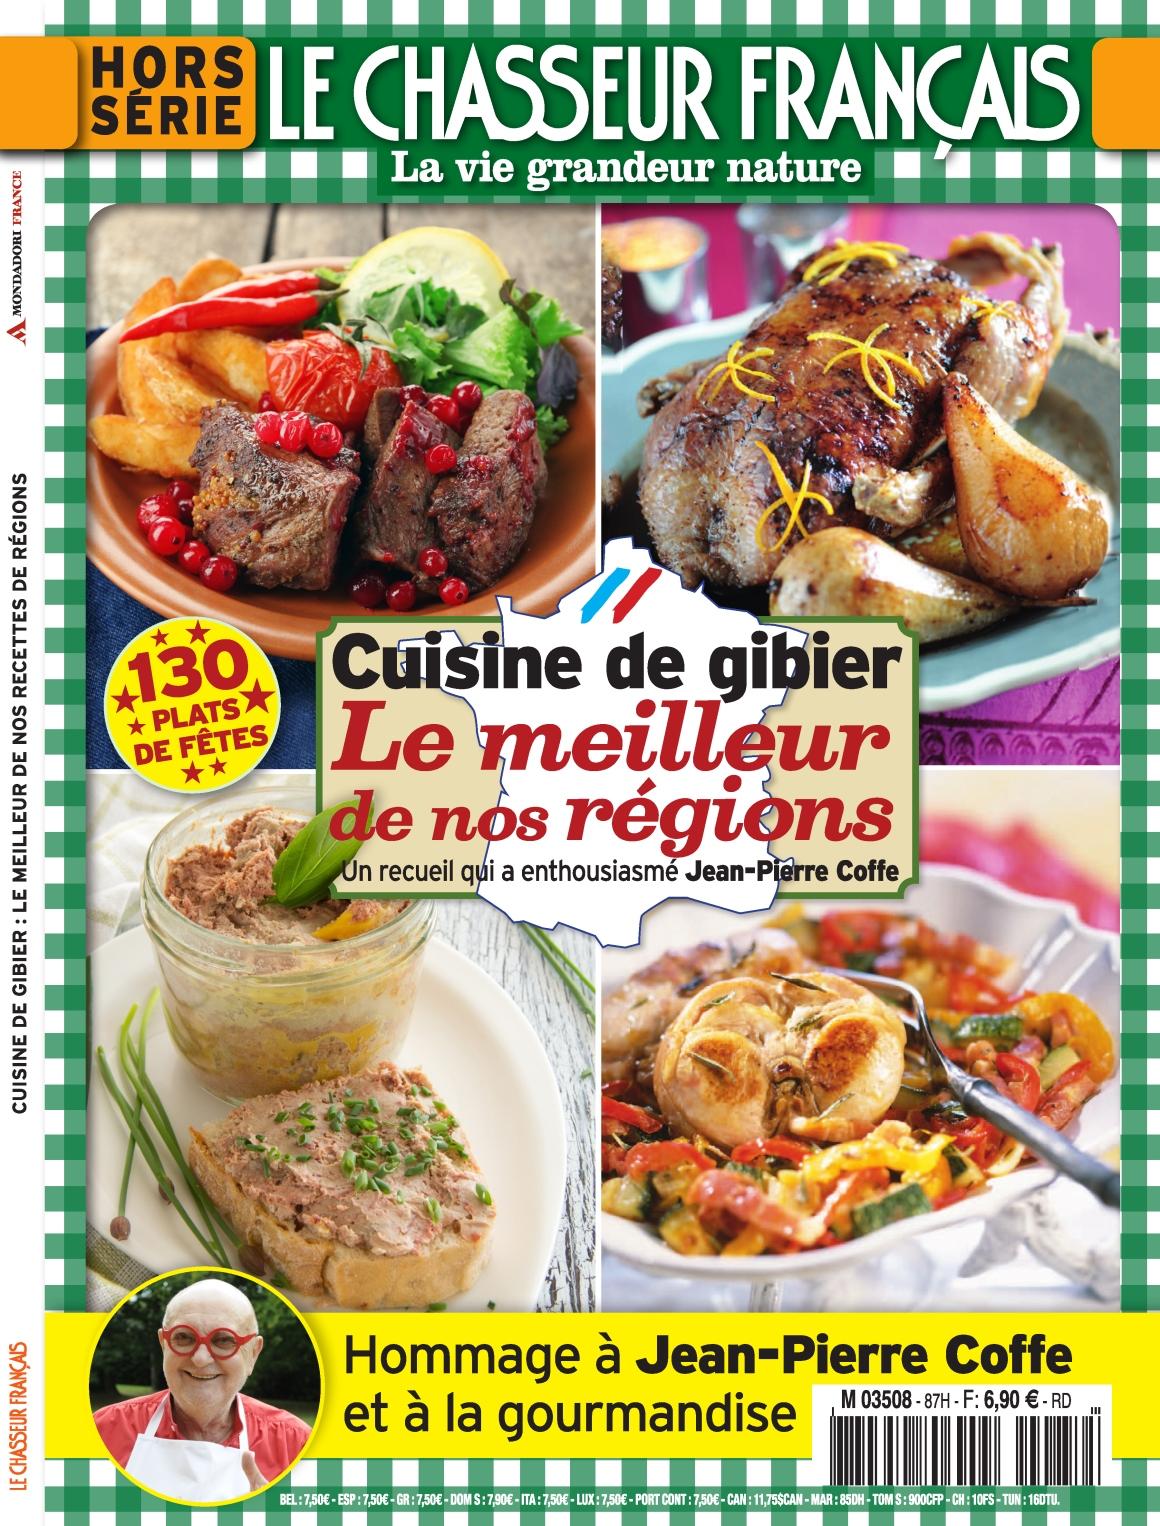 Le Chasseur Français Hors-Série 87 - Cuisine de giber 2016